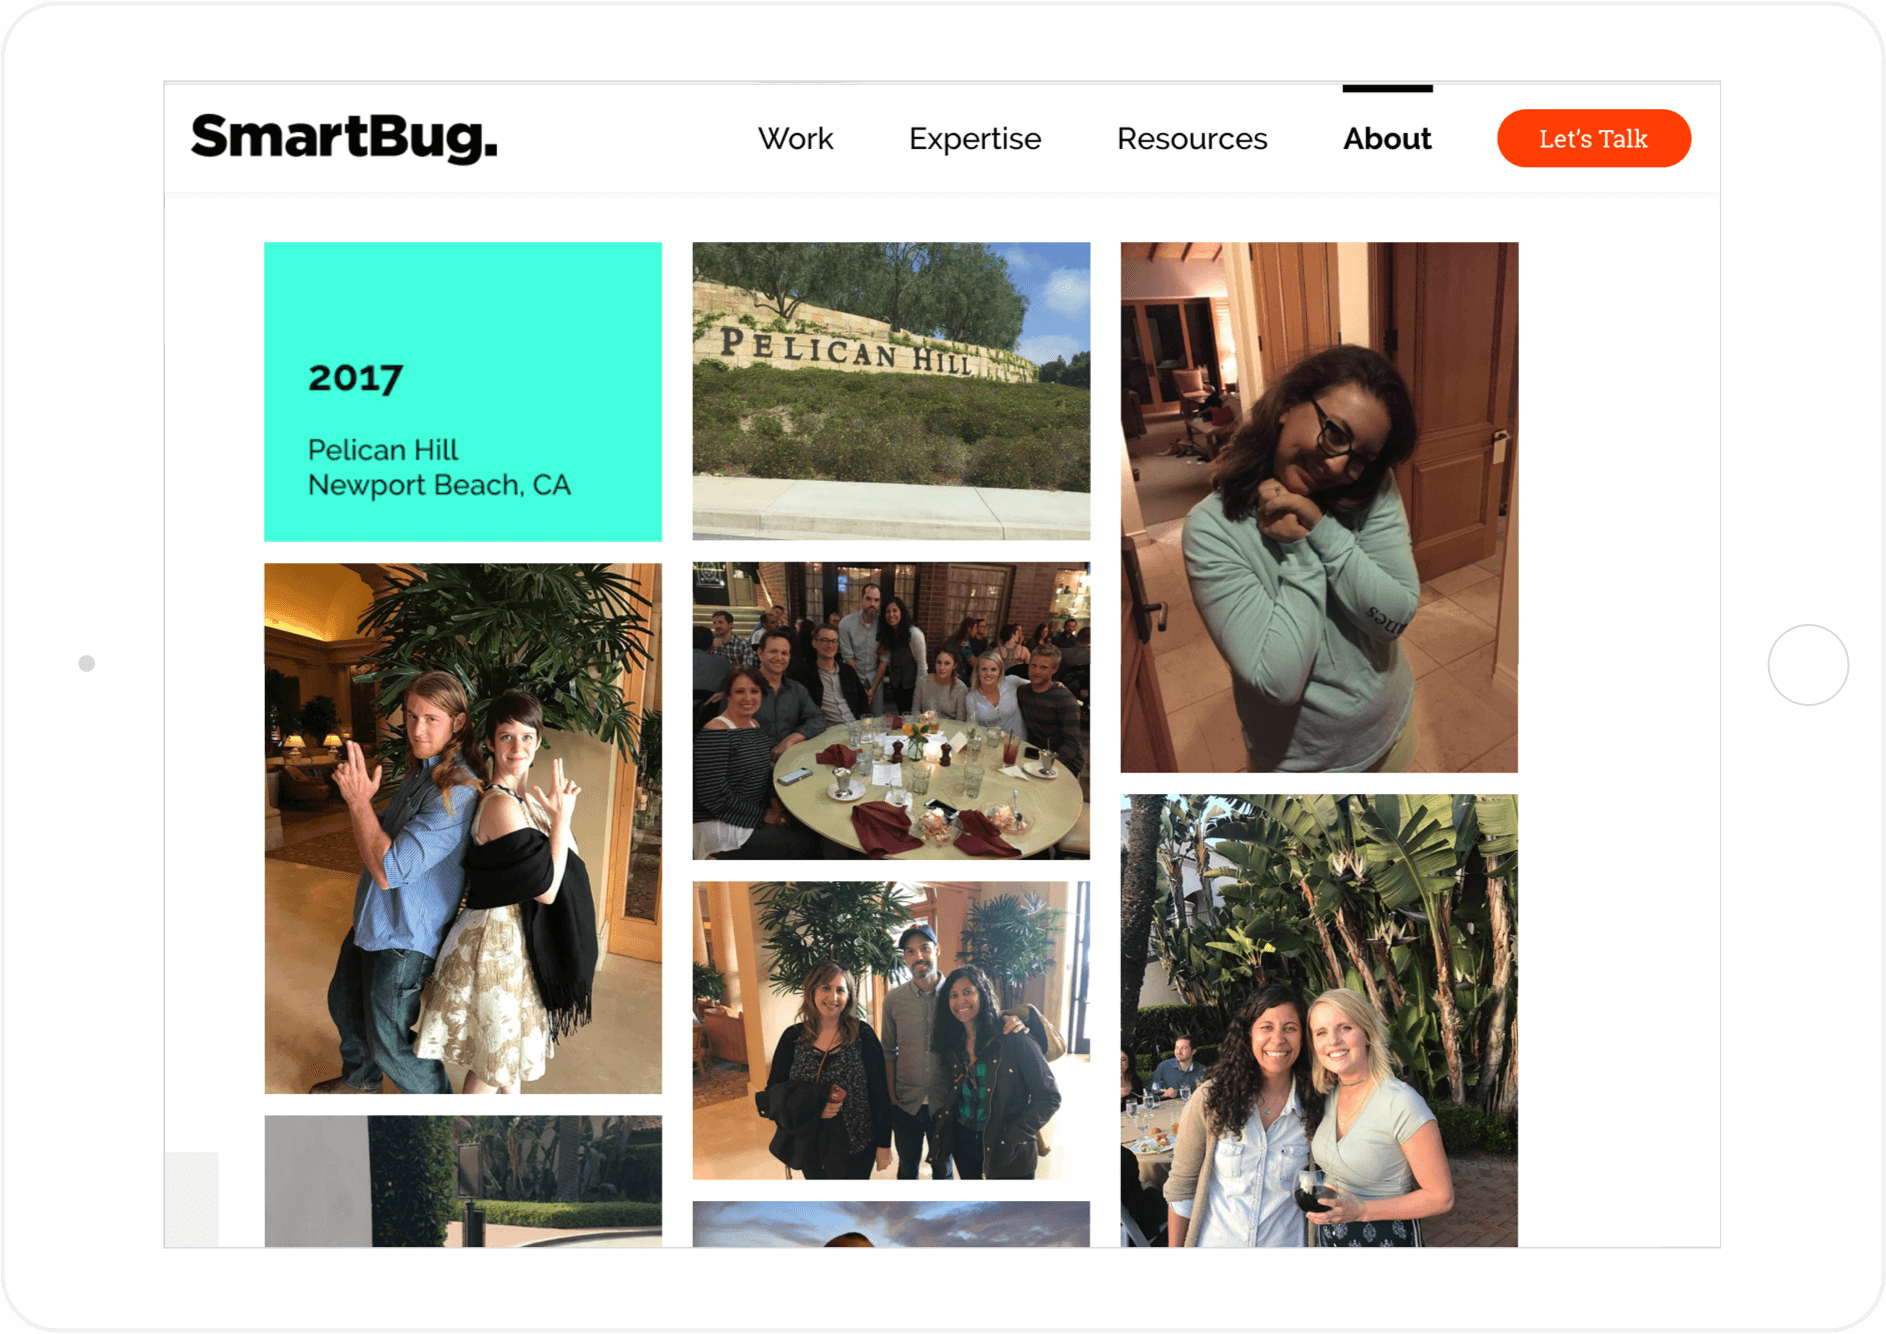 smartbug tablet website